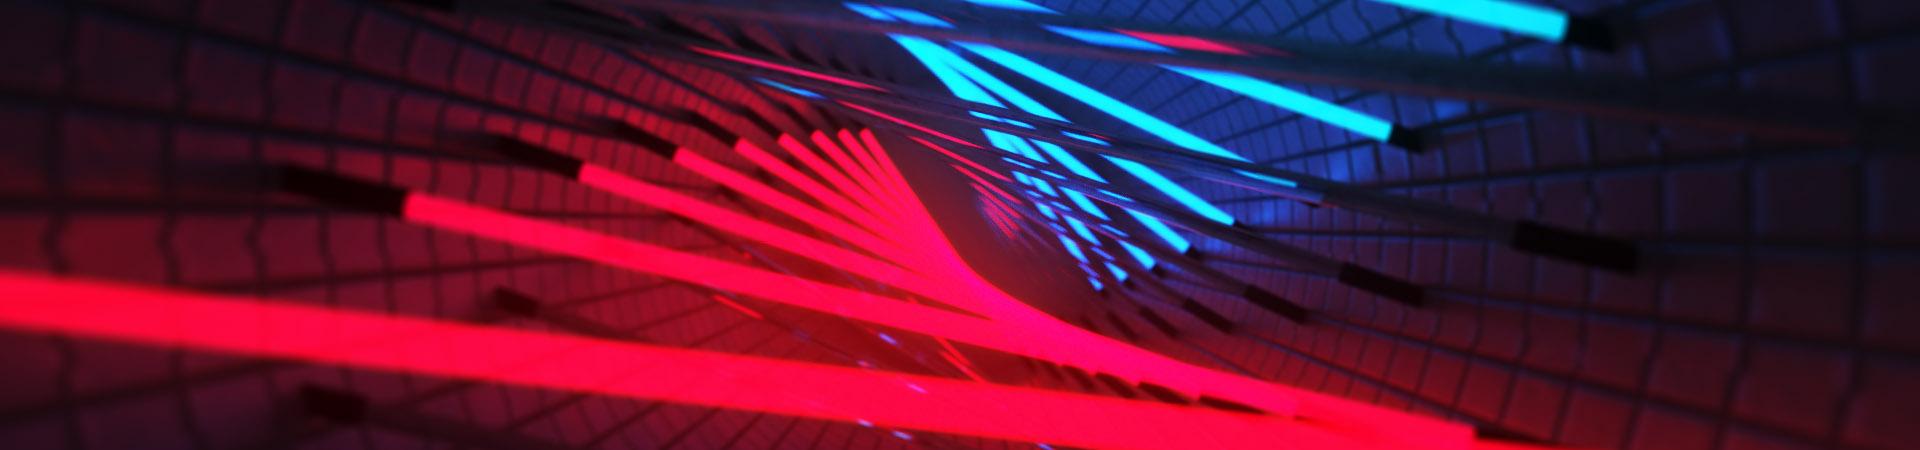 SLIDER-Neon-Room-E